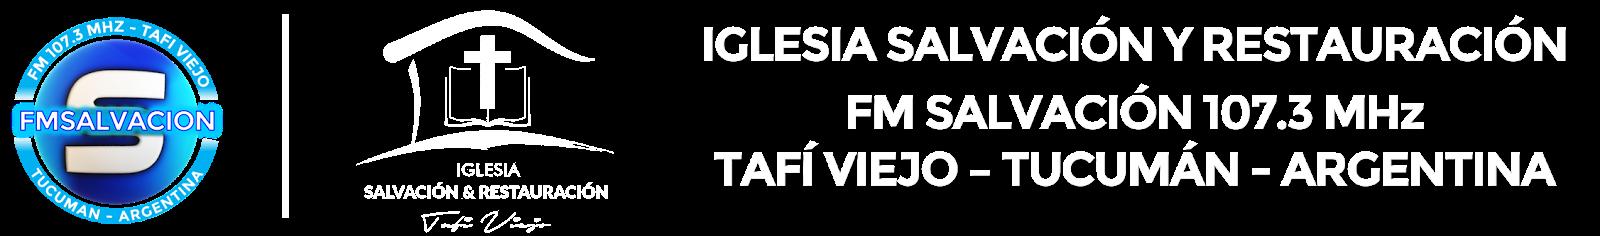 Iglesia Salvación y Restauración | FM Salvación 107.3 MHz - Tafí Viejo, Tucumán